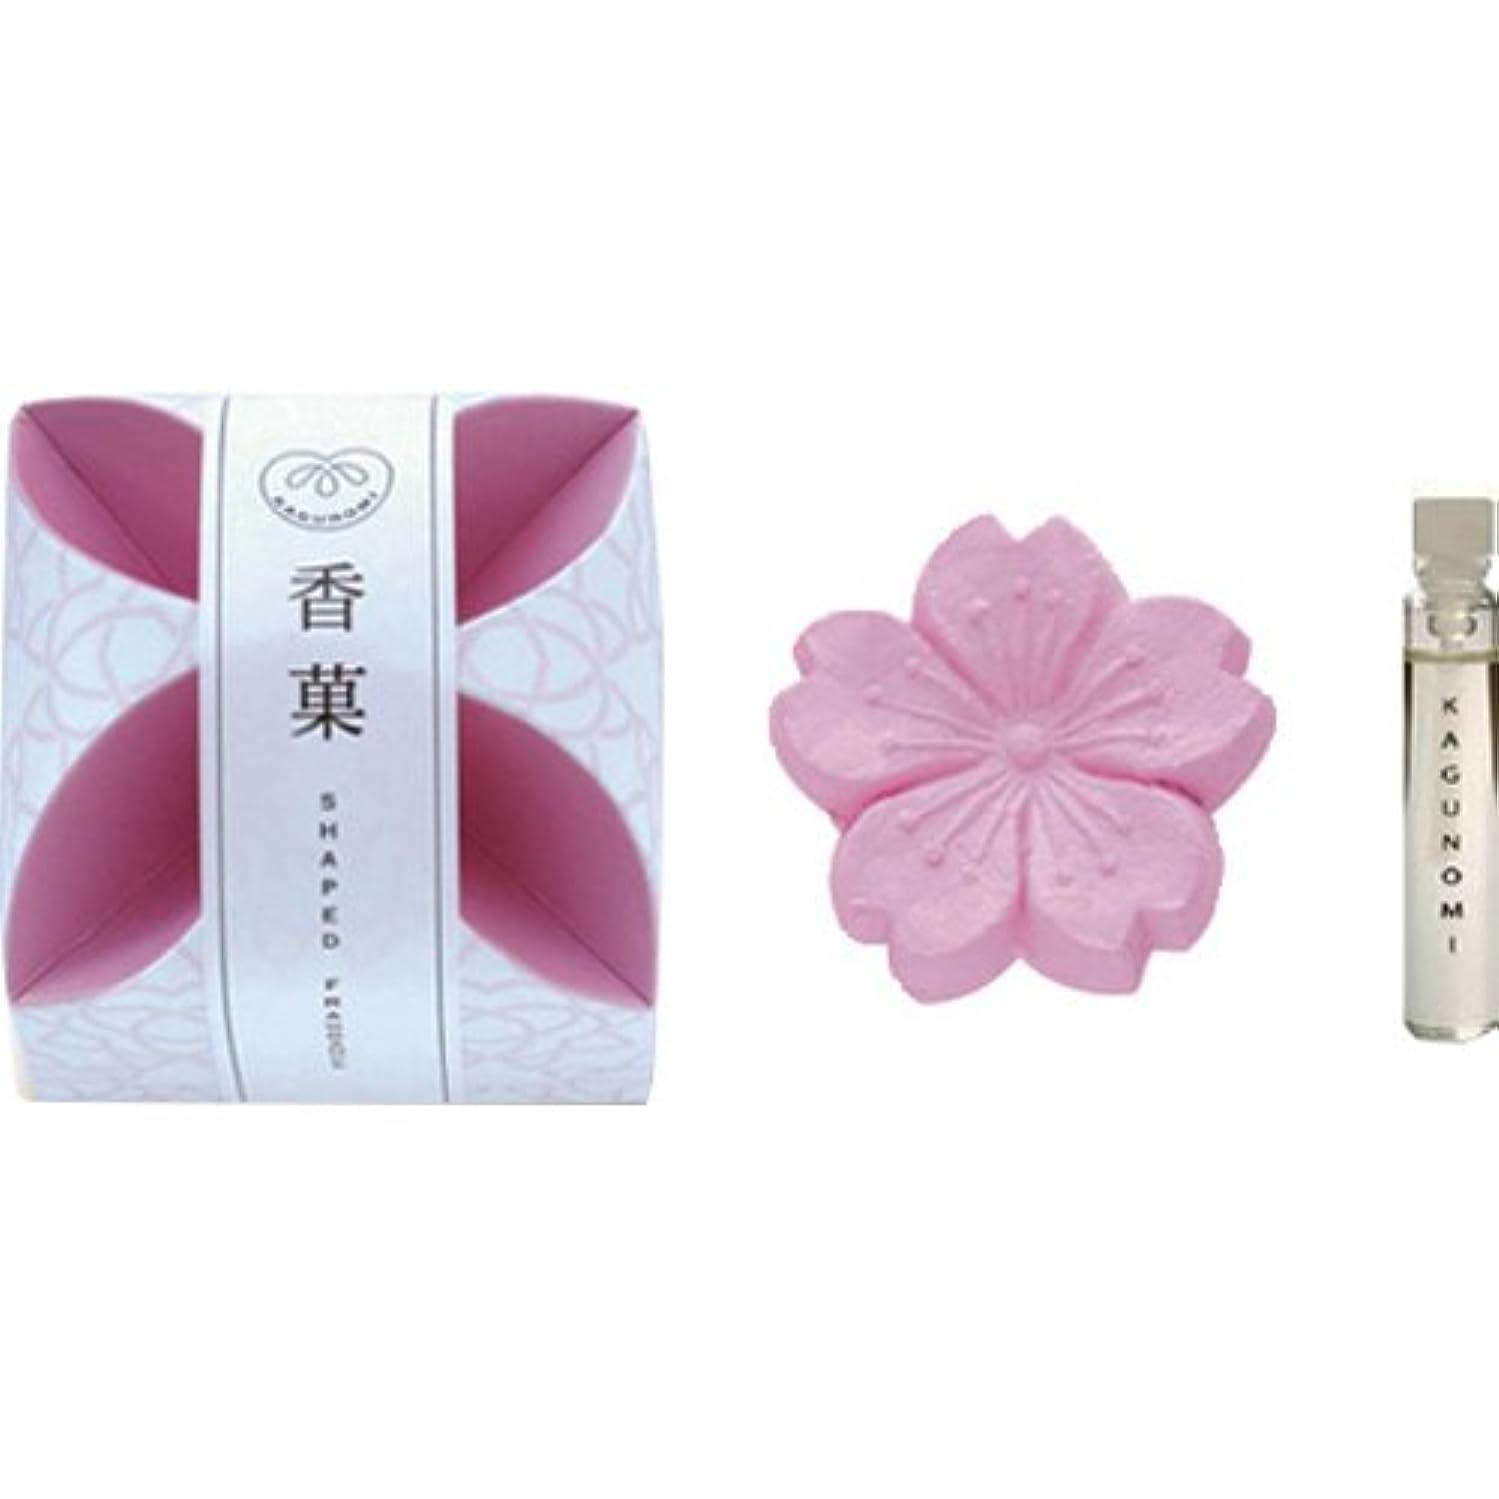 効果的に再生可能特許香菓 さくら形(桜色) 1入 オイル1.8mm付